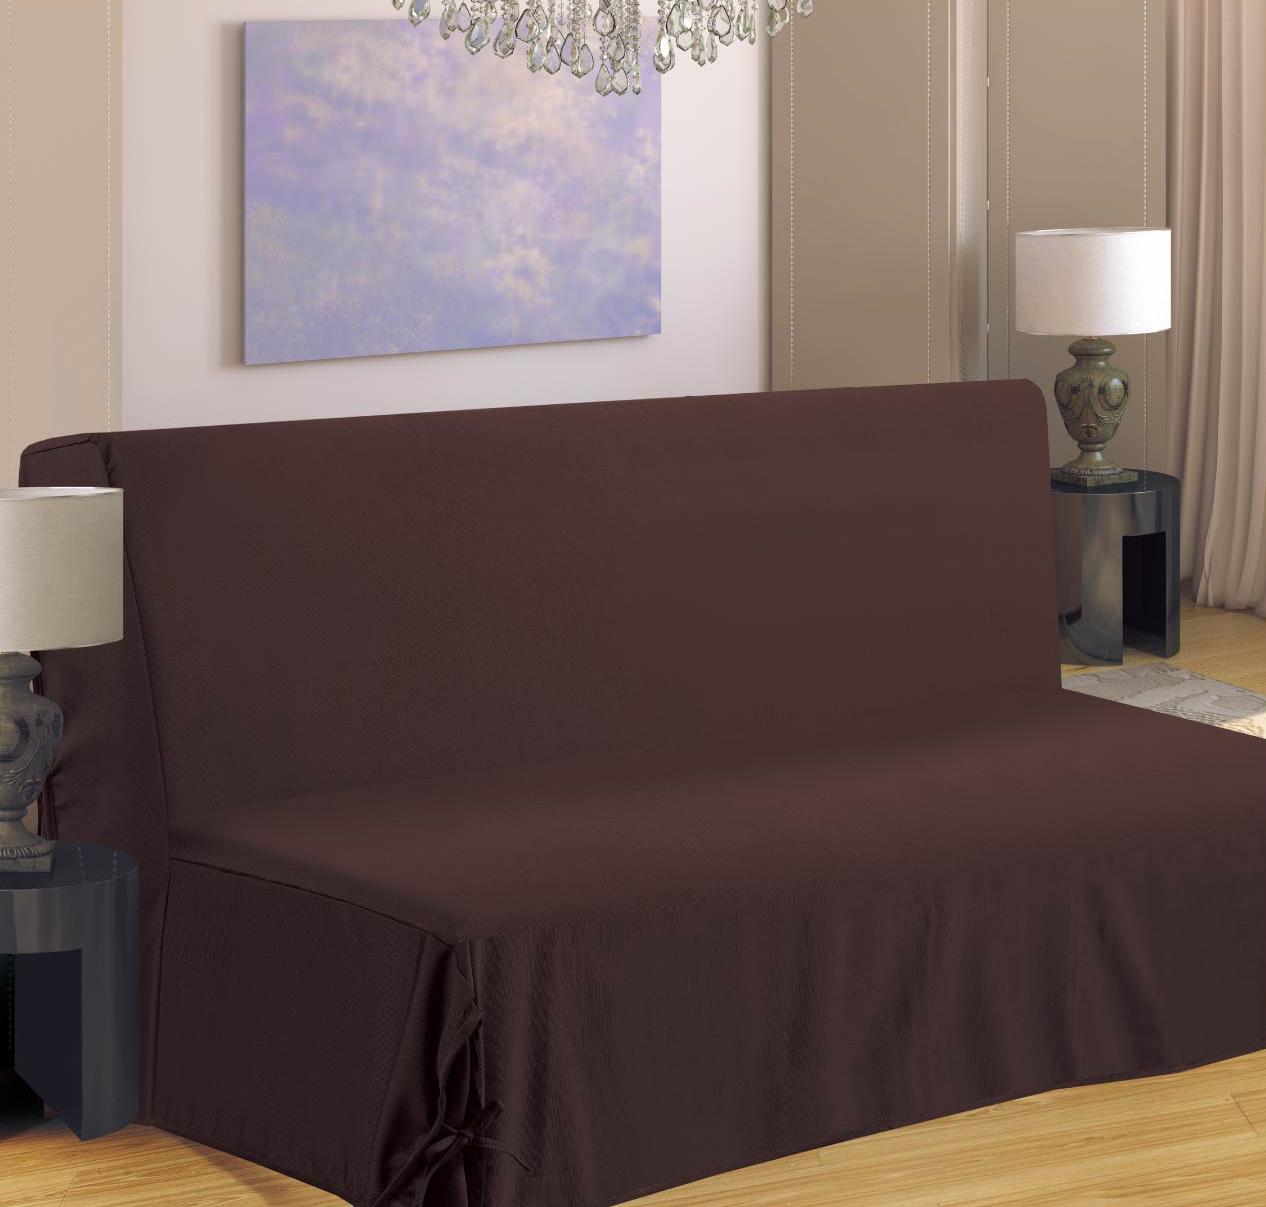 Housse de canapé pour BZ - Chocolat - 140 x 190 cm